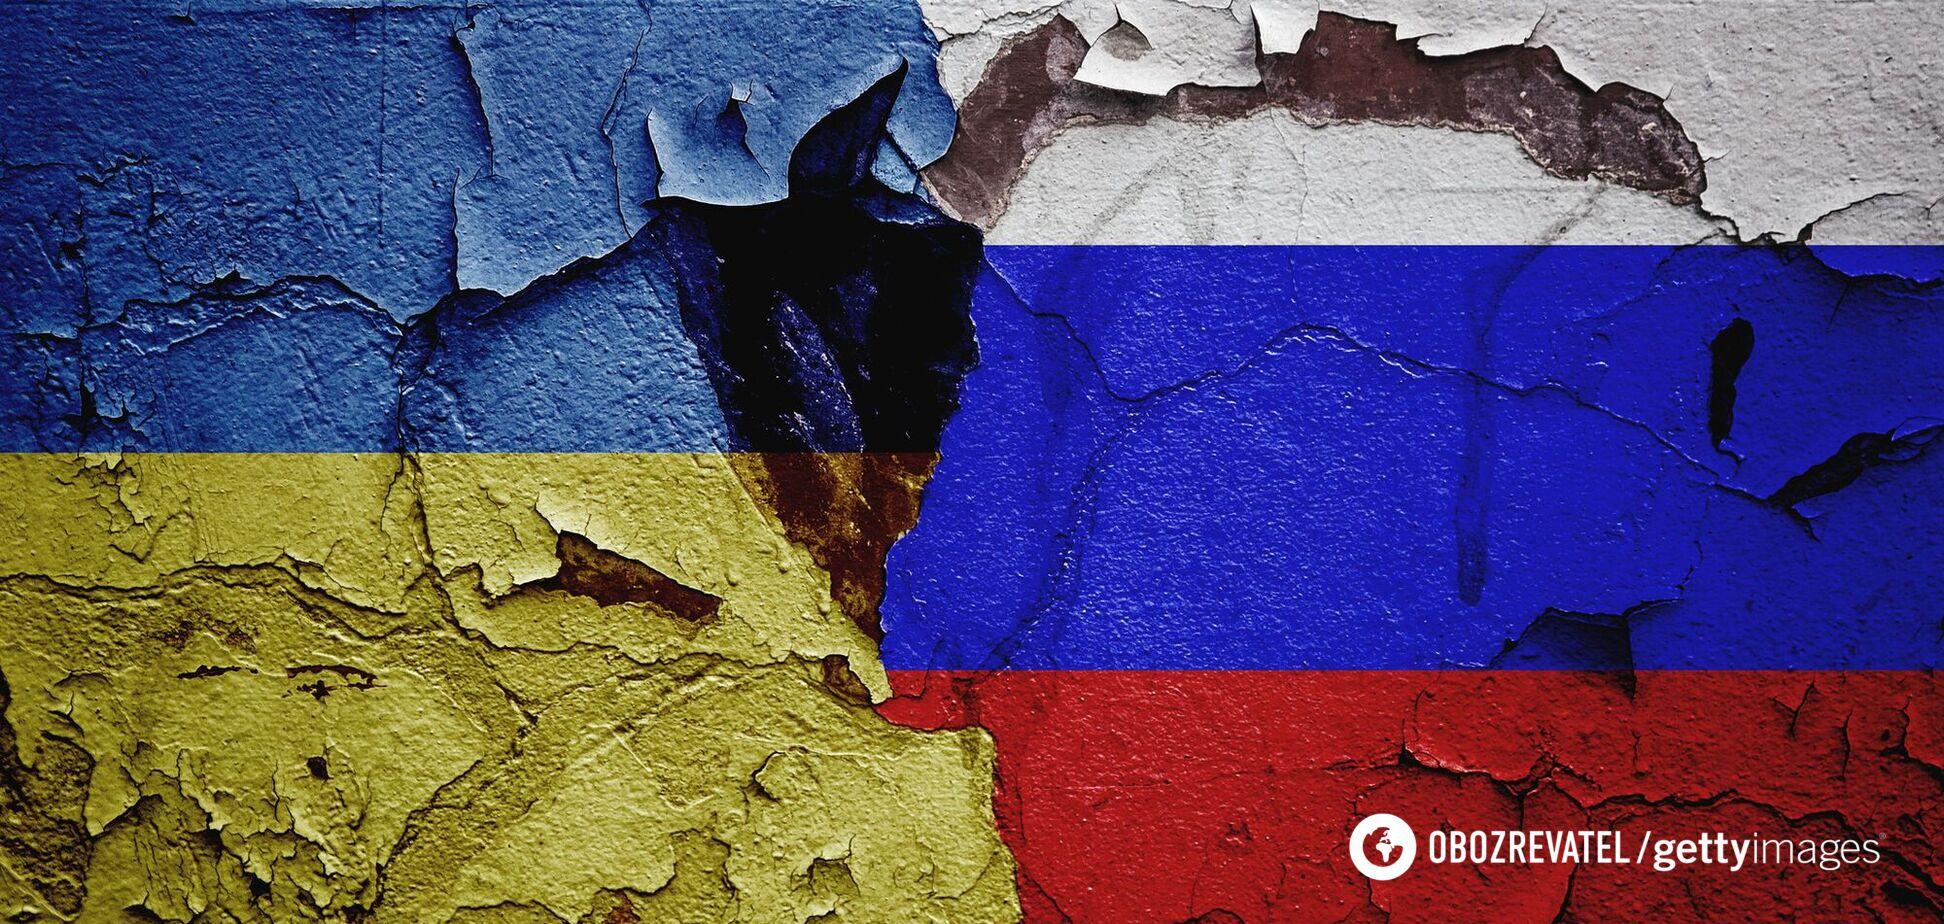 Зачем нам безвизовый режим с РФ на фоне эскалации?